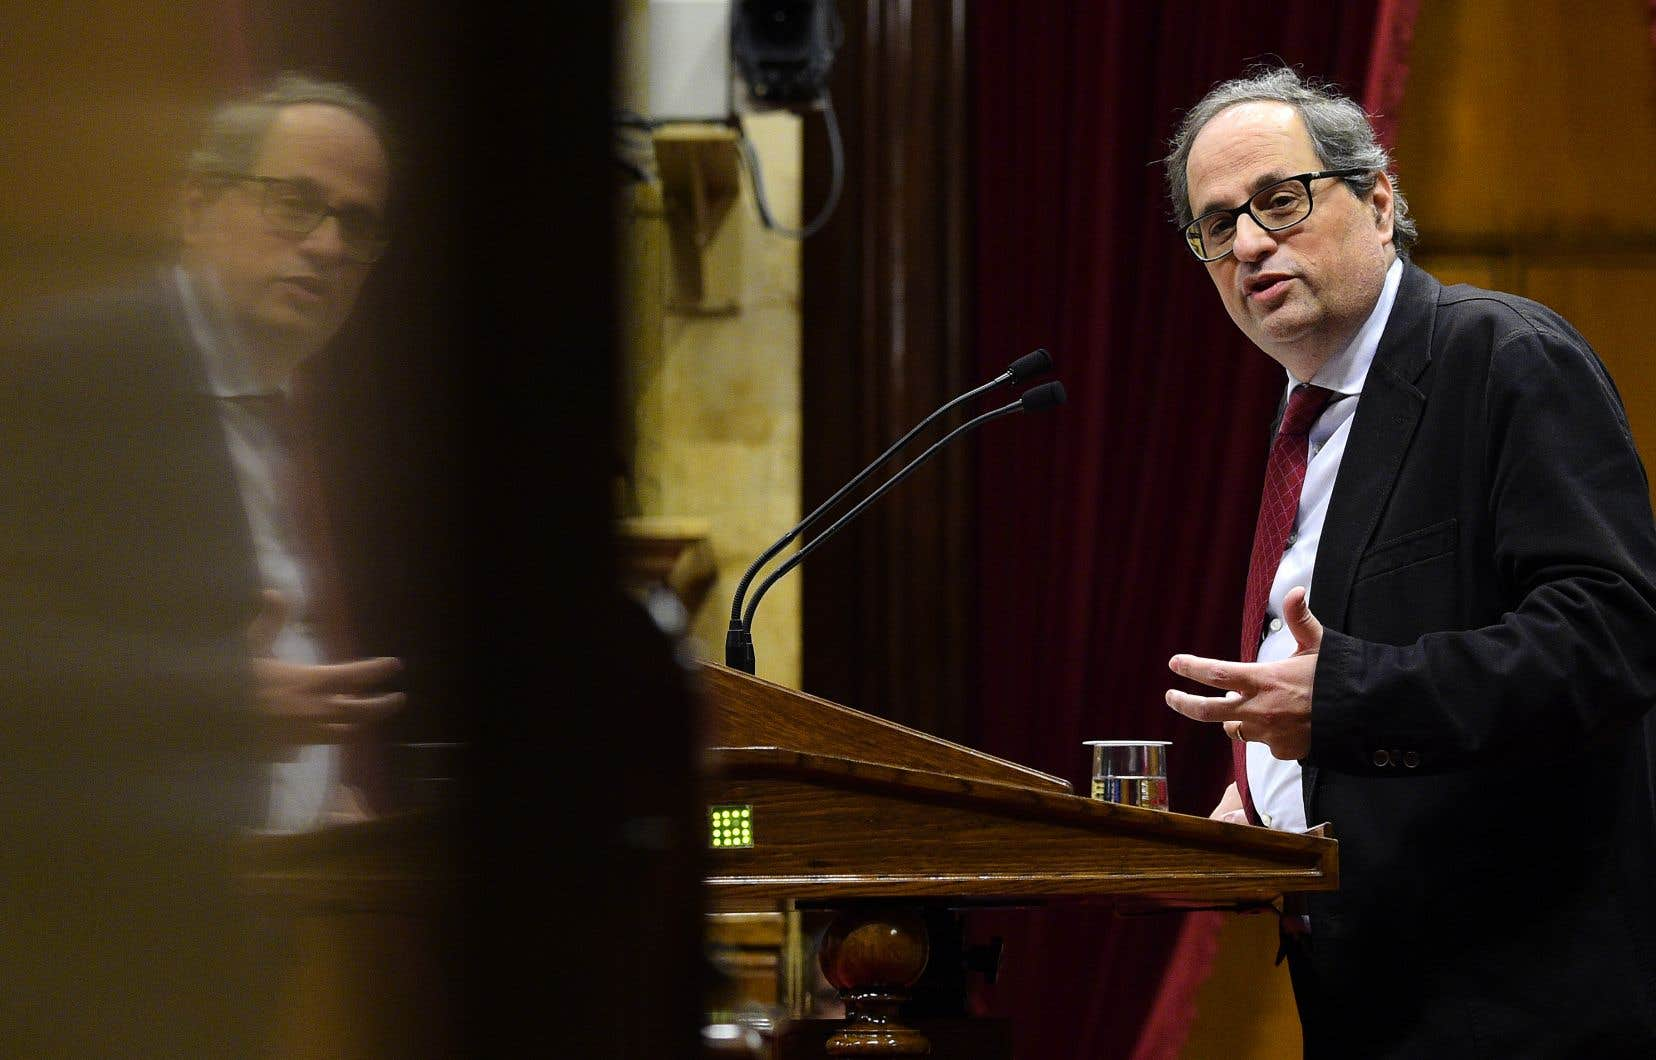 Quim Torra au parlement catalan, en mars.L'éditeur et indépendantiste a fait son entrée en politique il y a seulement quelques mois.